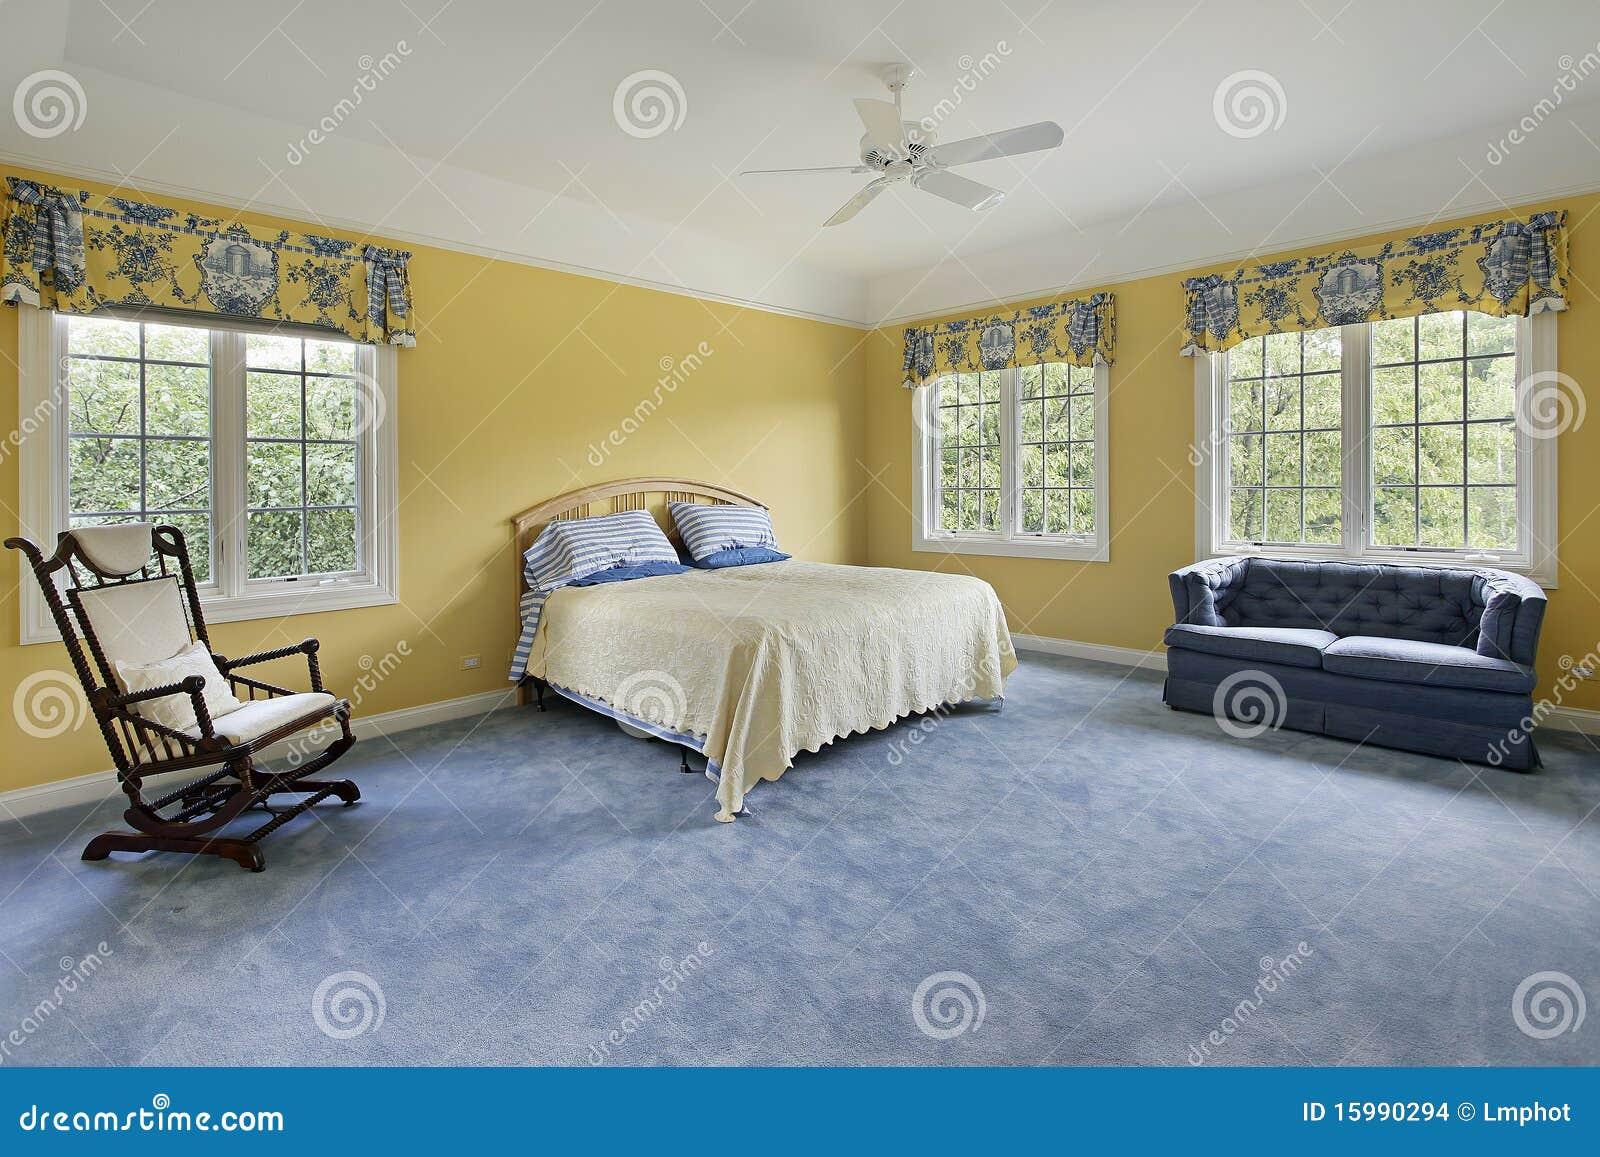 Camera da letto con le pareti gialle fotografia stock - Disegni camera da letto ...